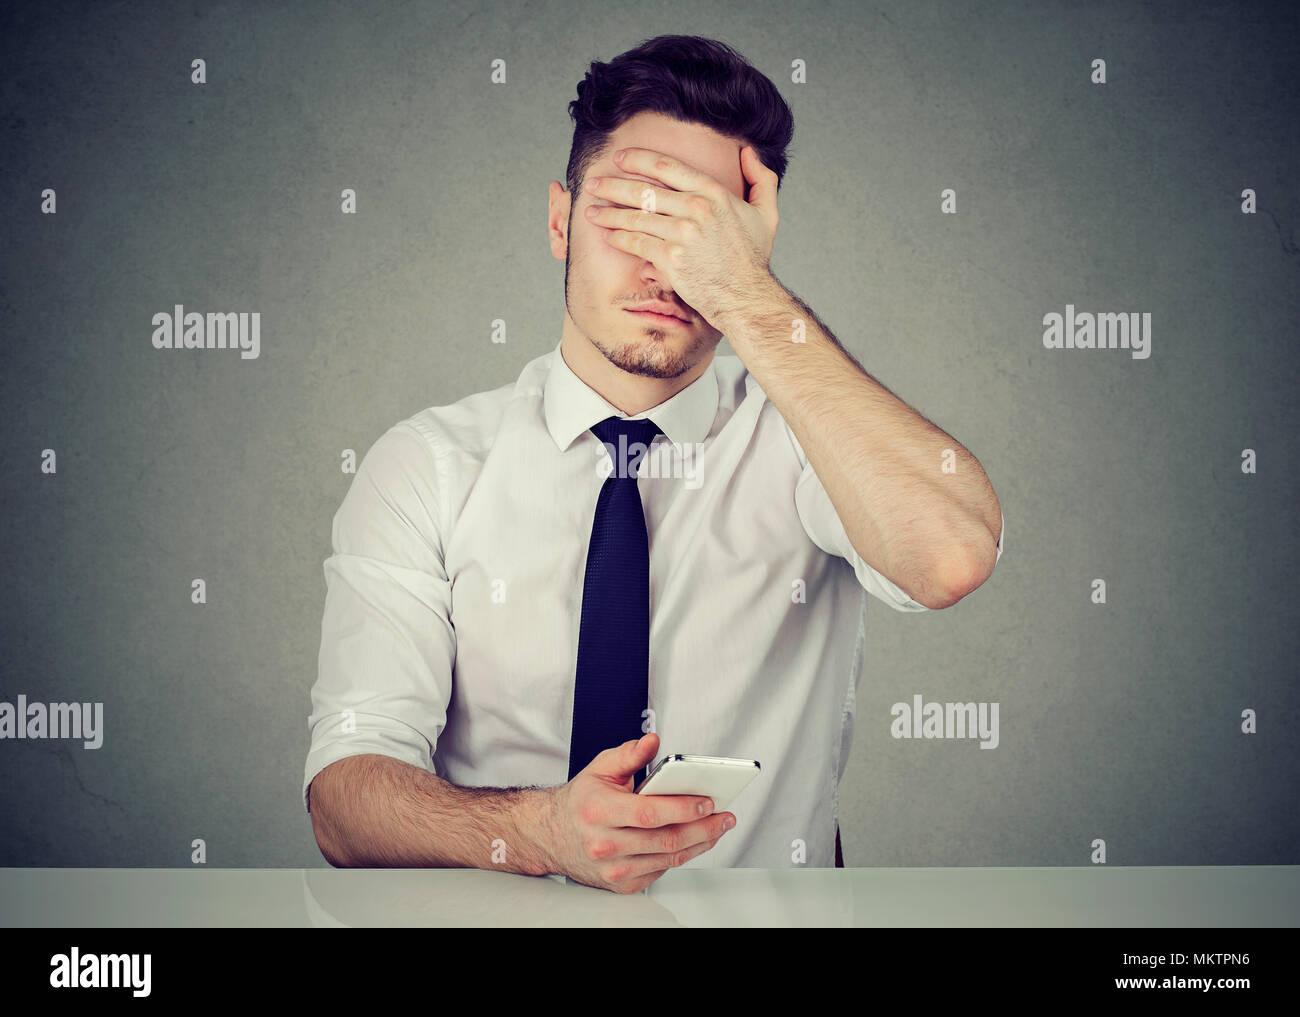 Giovane uomo formale tramite telefono e che ricopre la faccia a causa di questo errore mentre si lavora Immagini Stock